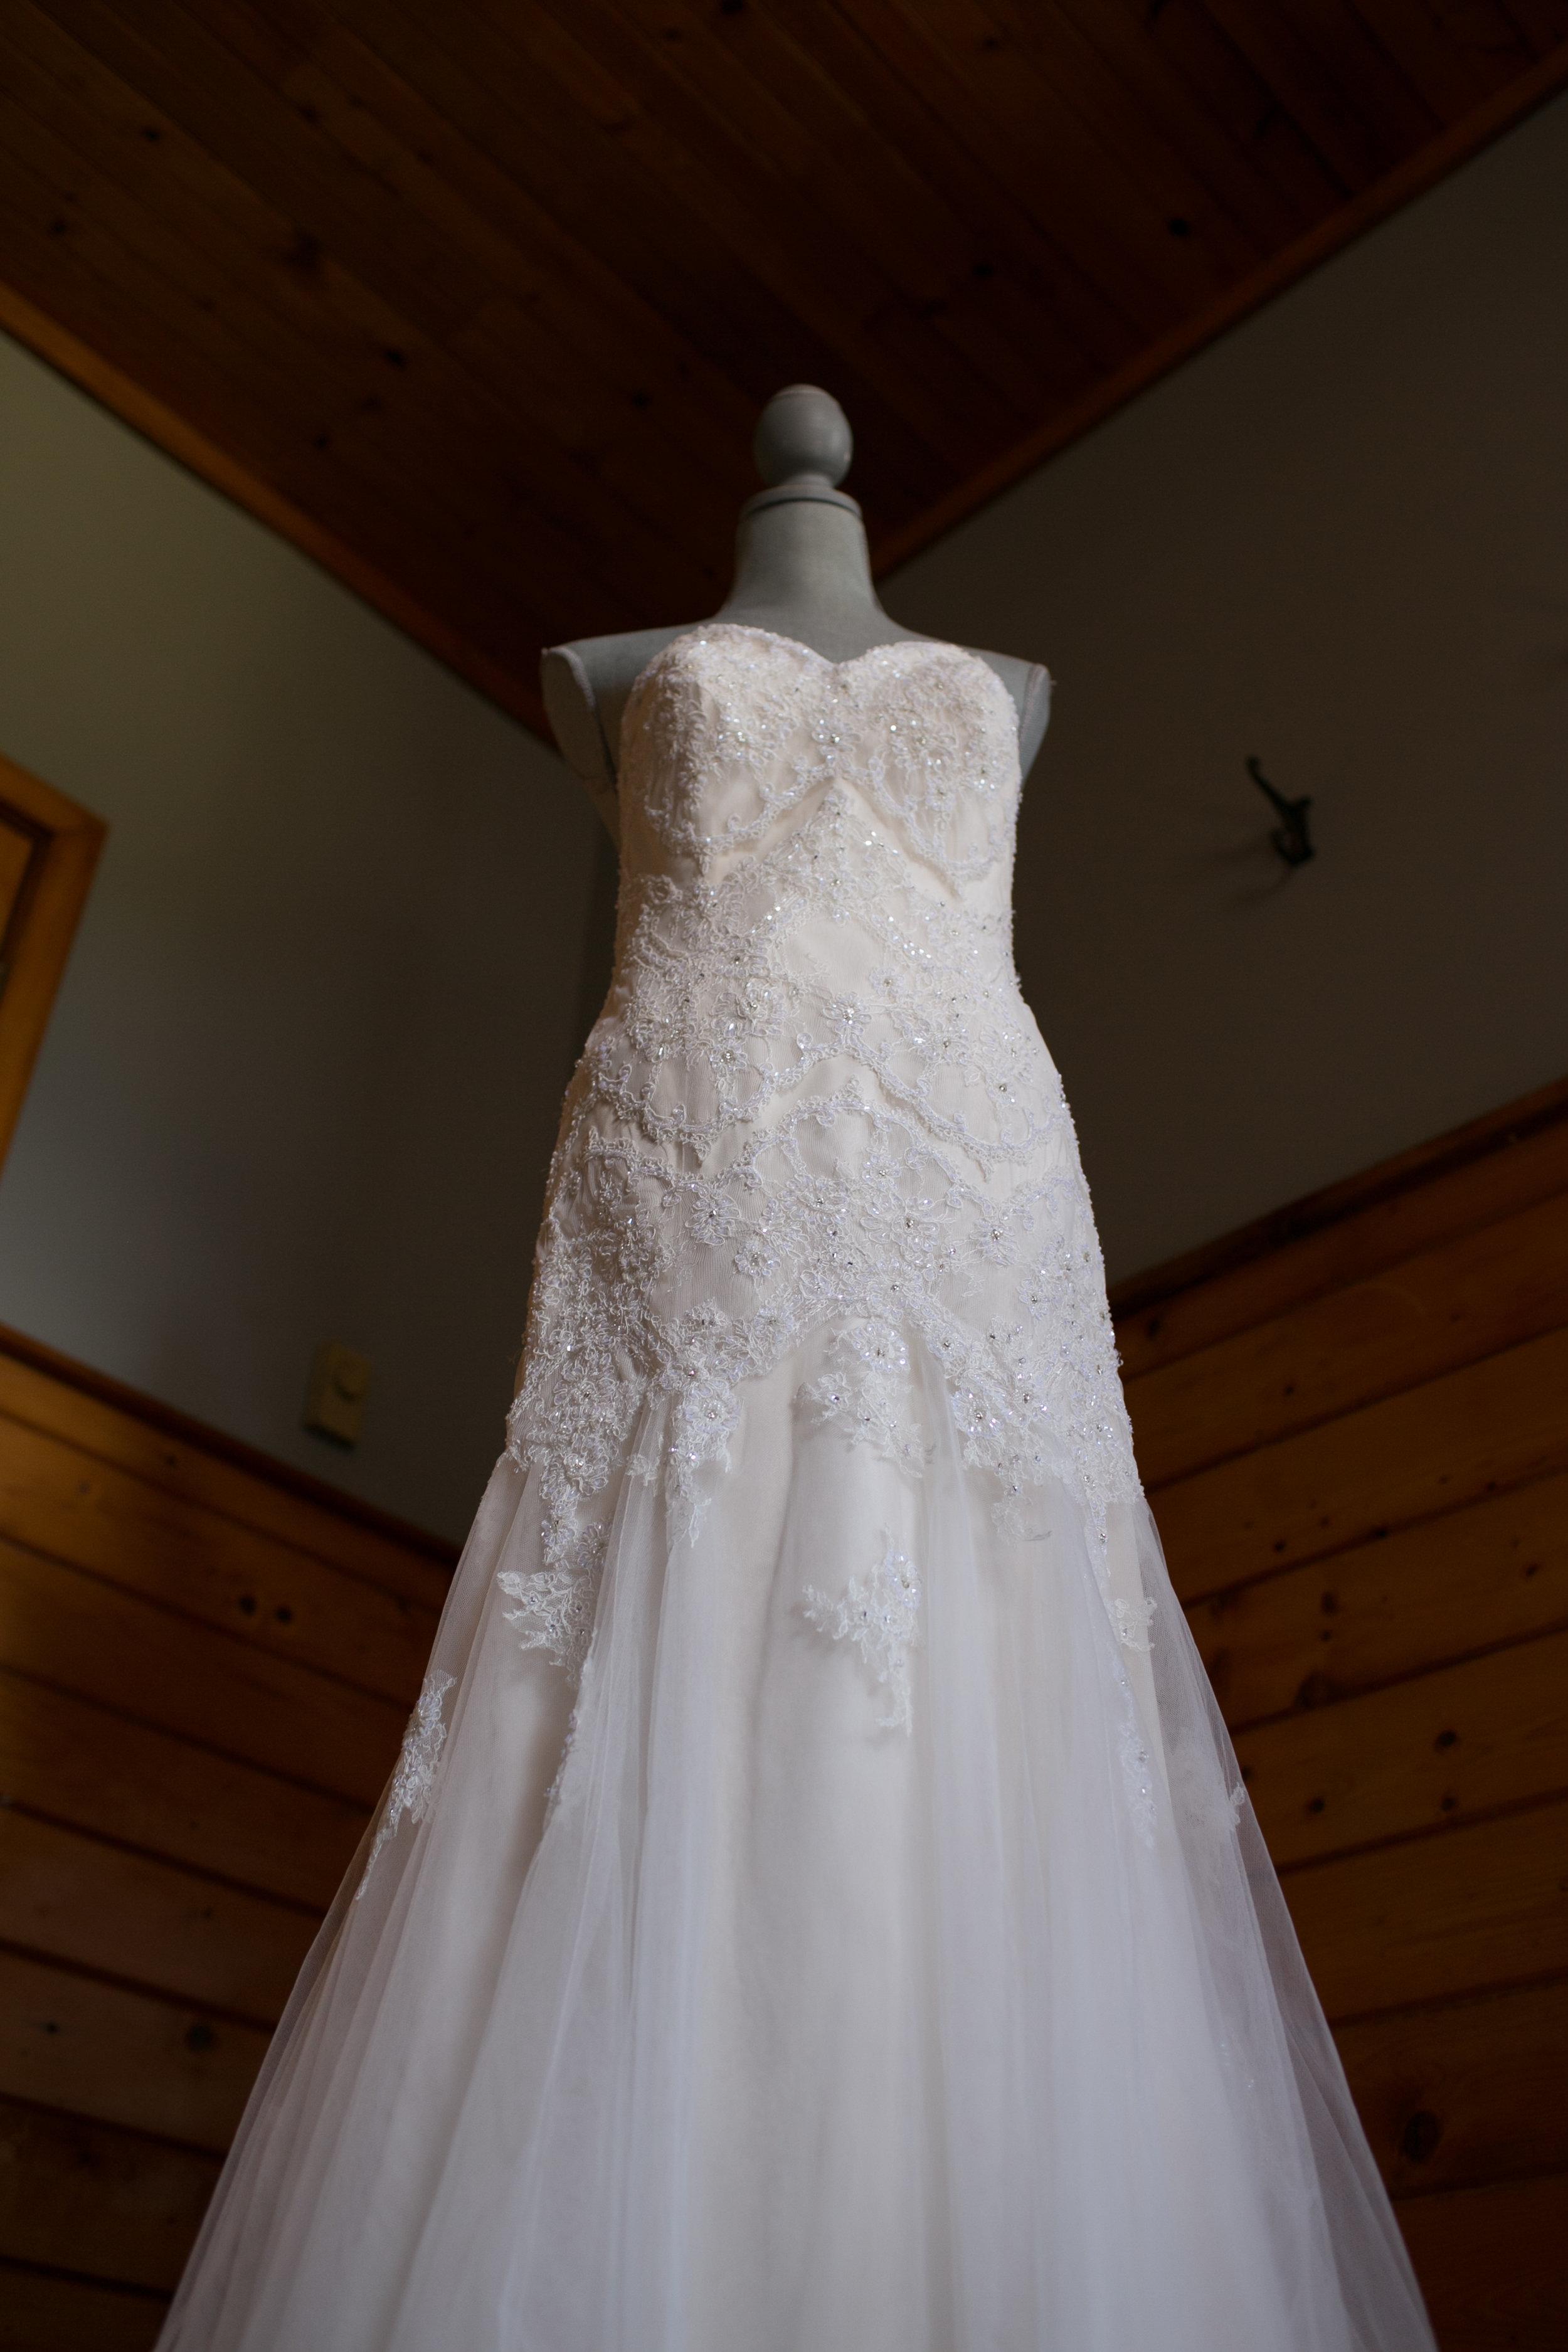 006_Jared_Kristen_wedding.jpg